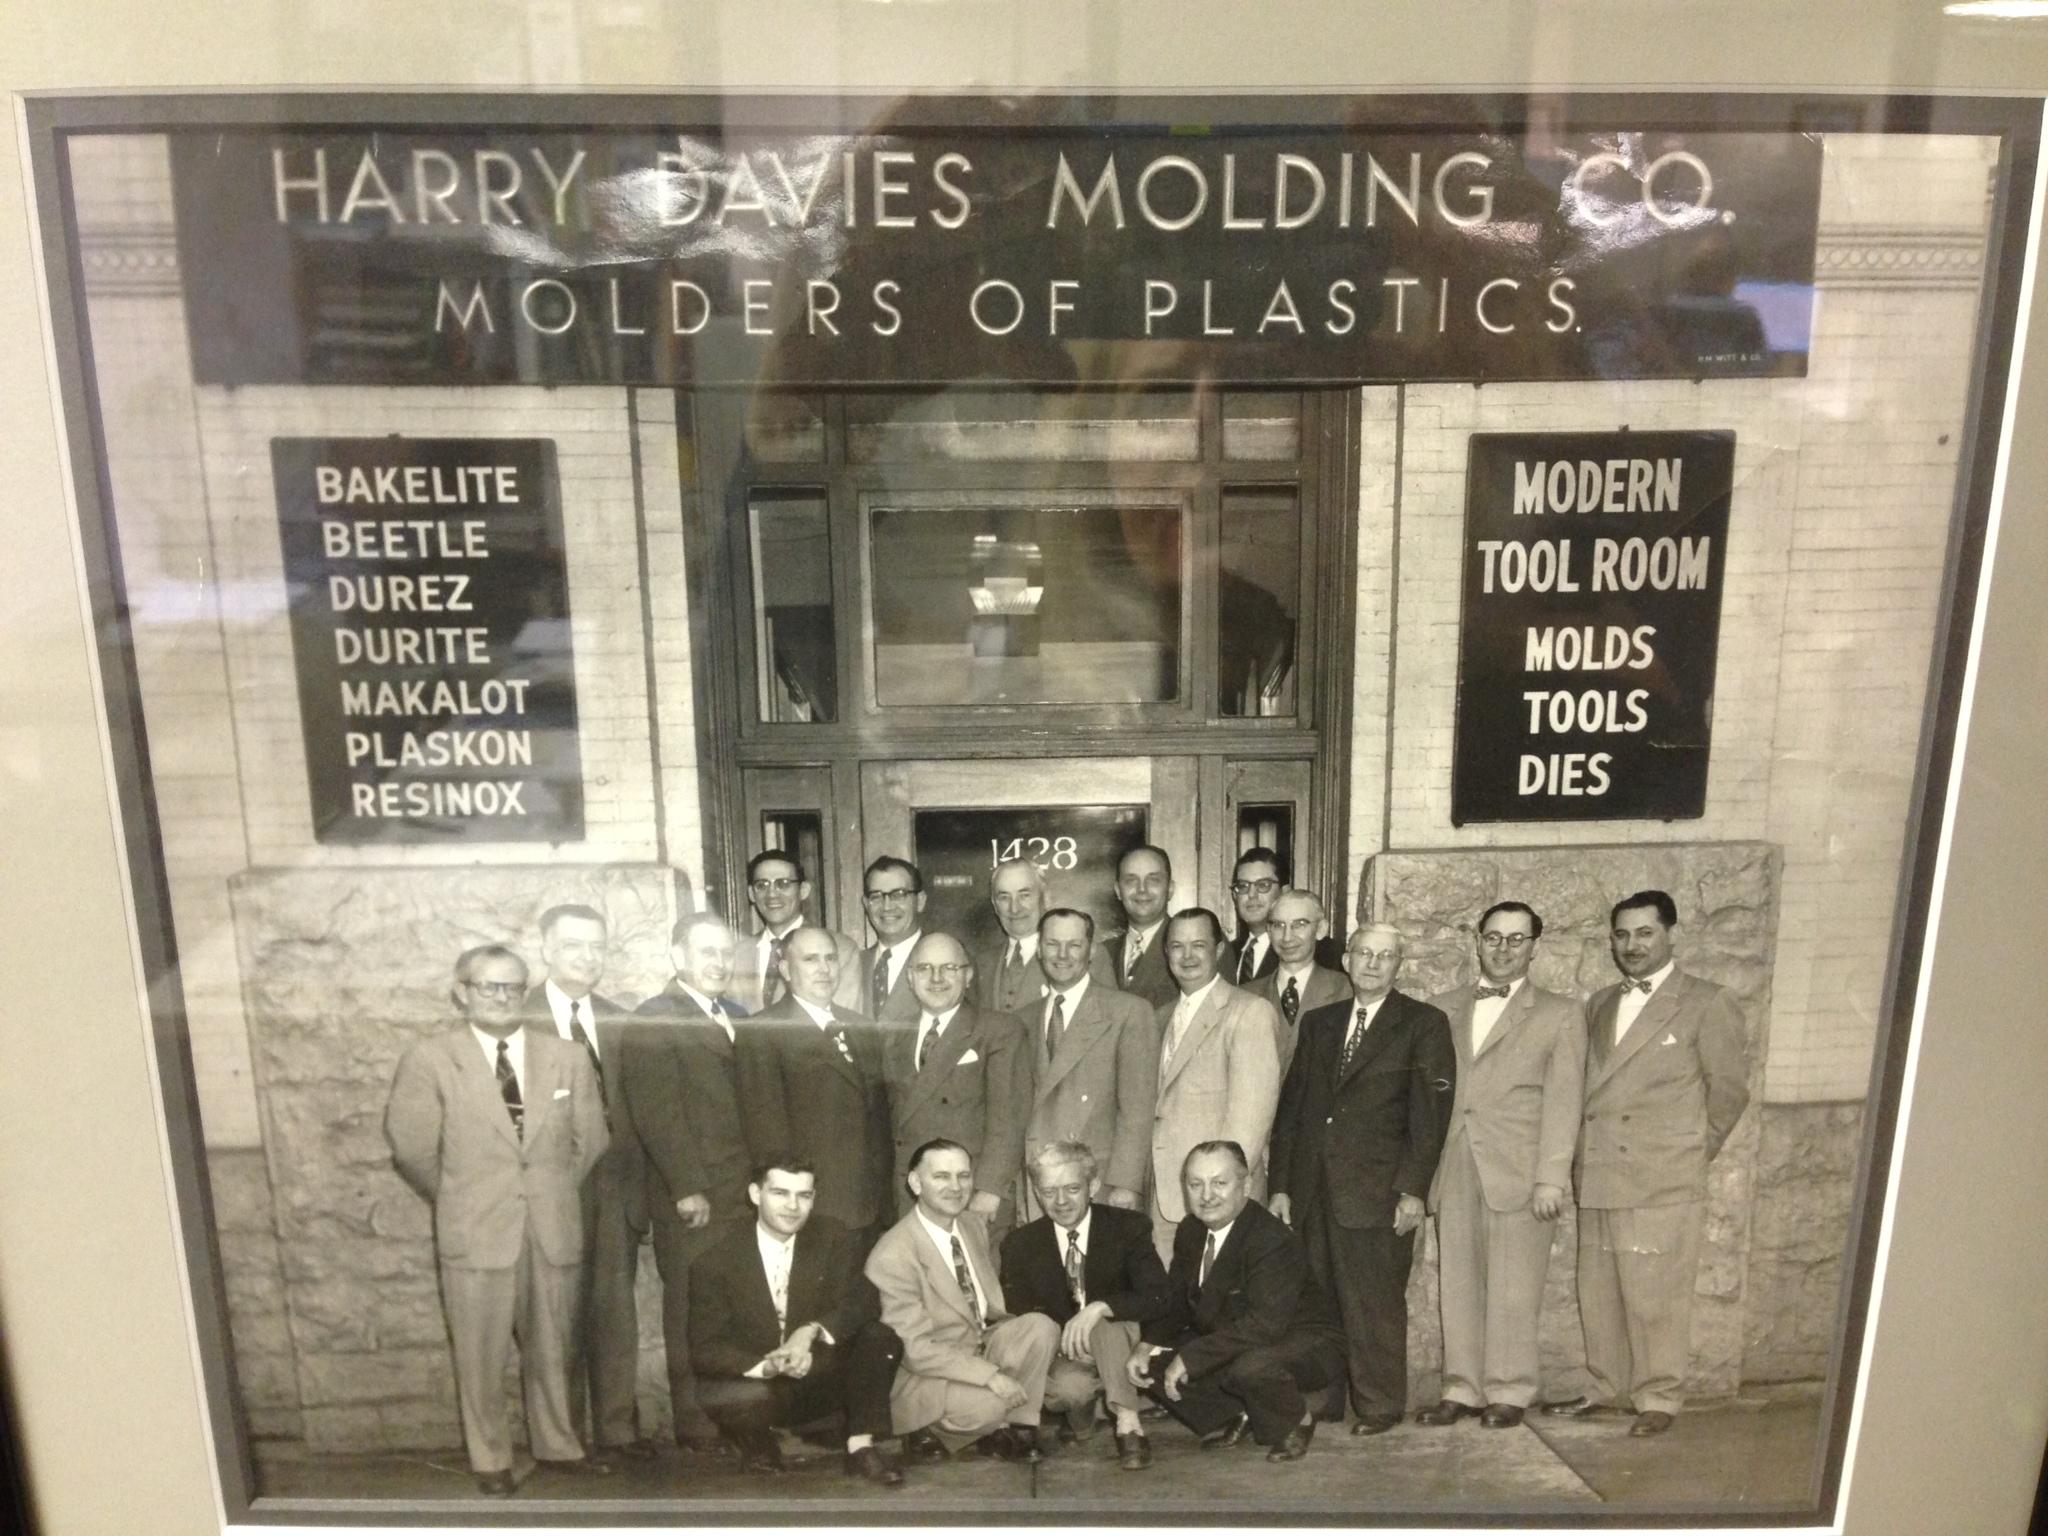 Harry_Davies_Molding_Company